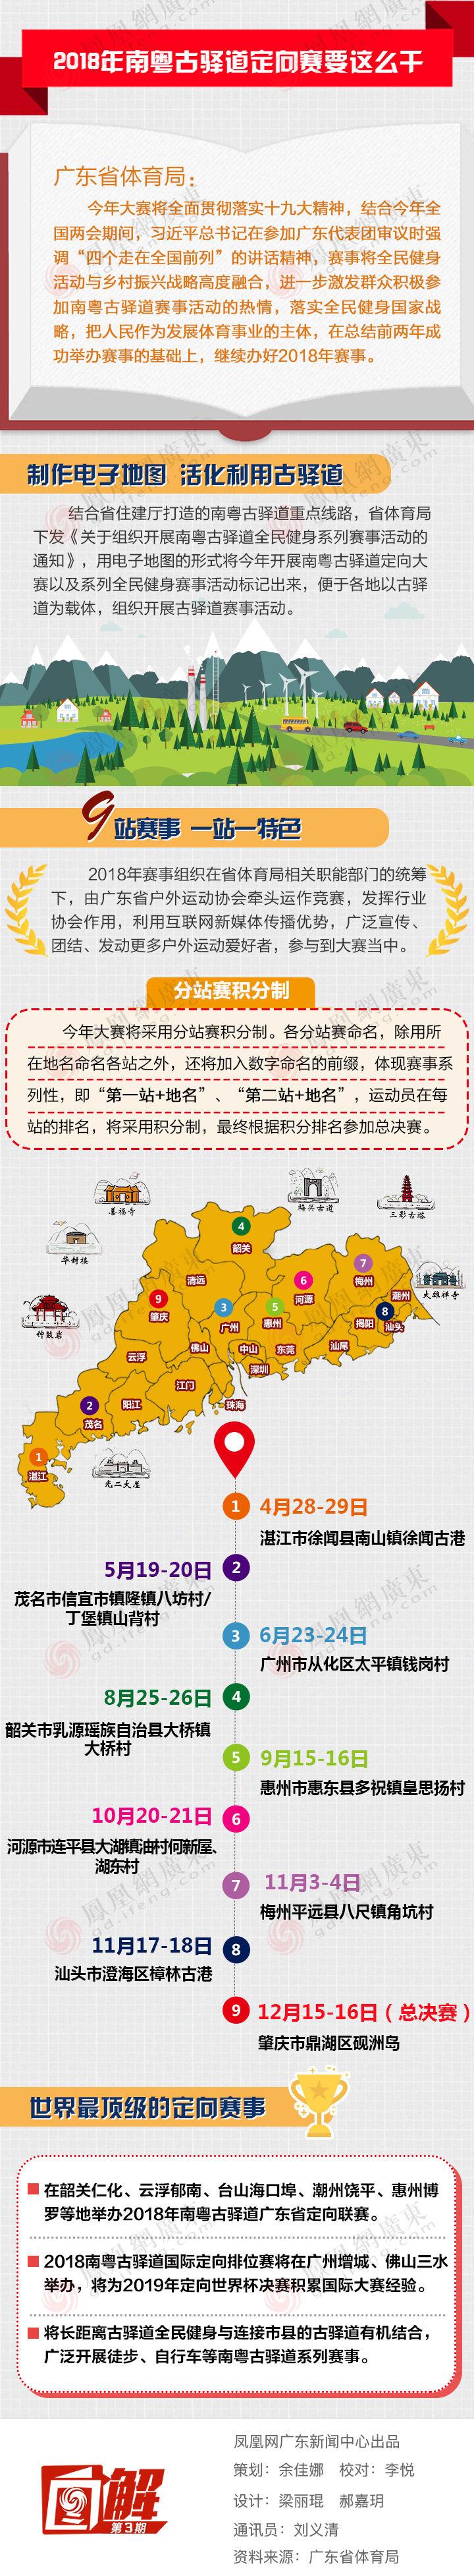 2018南粤古驿道定向大赛